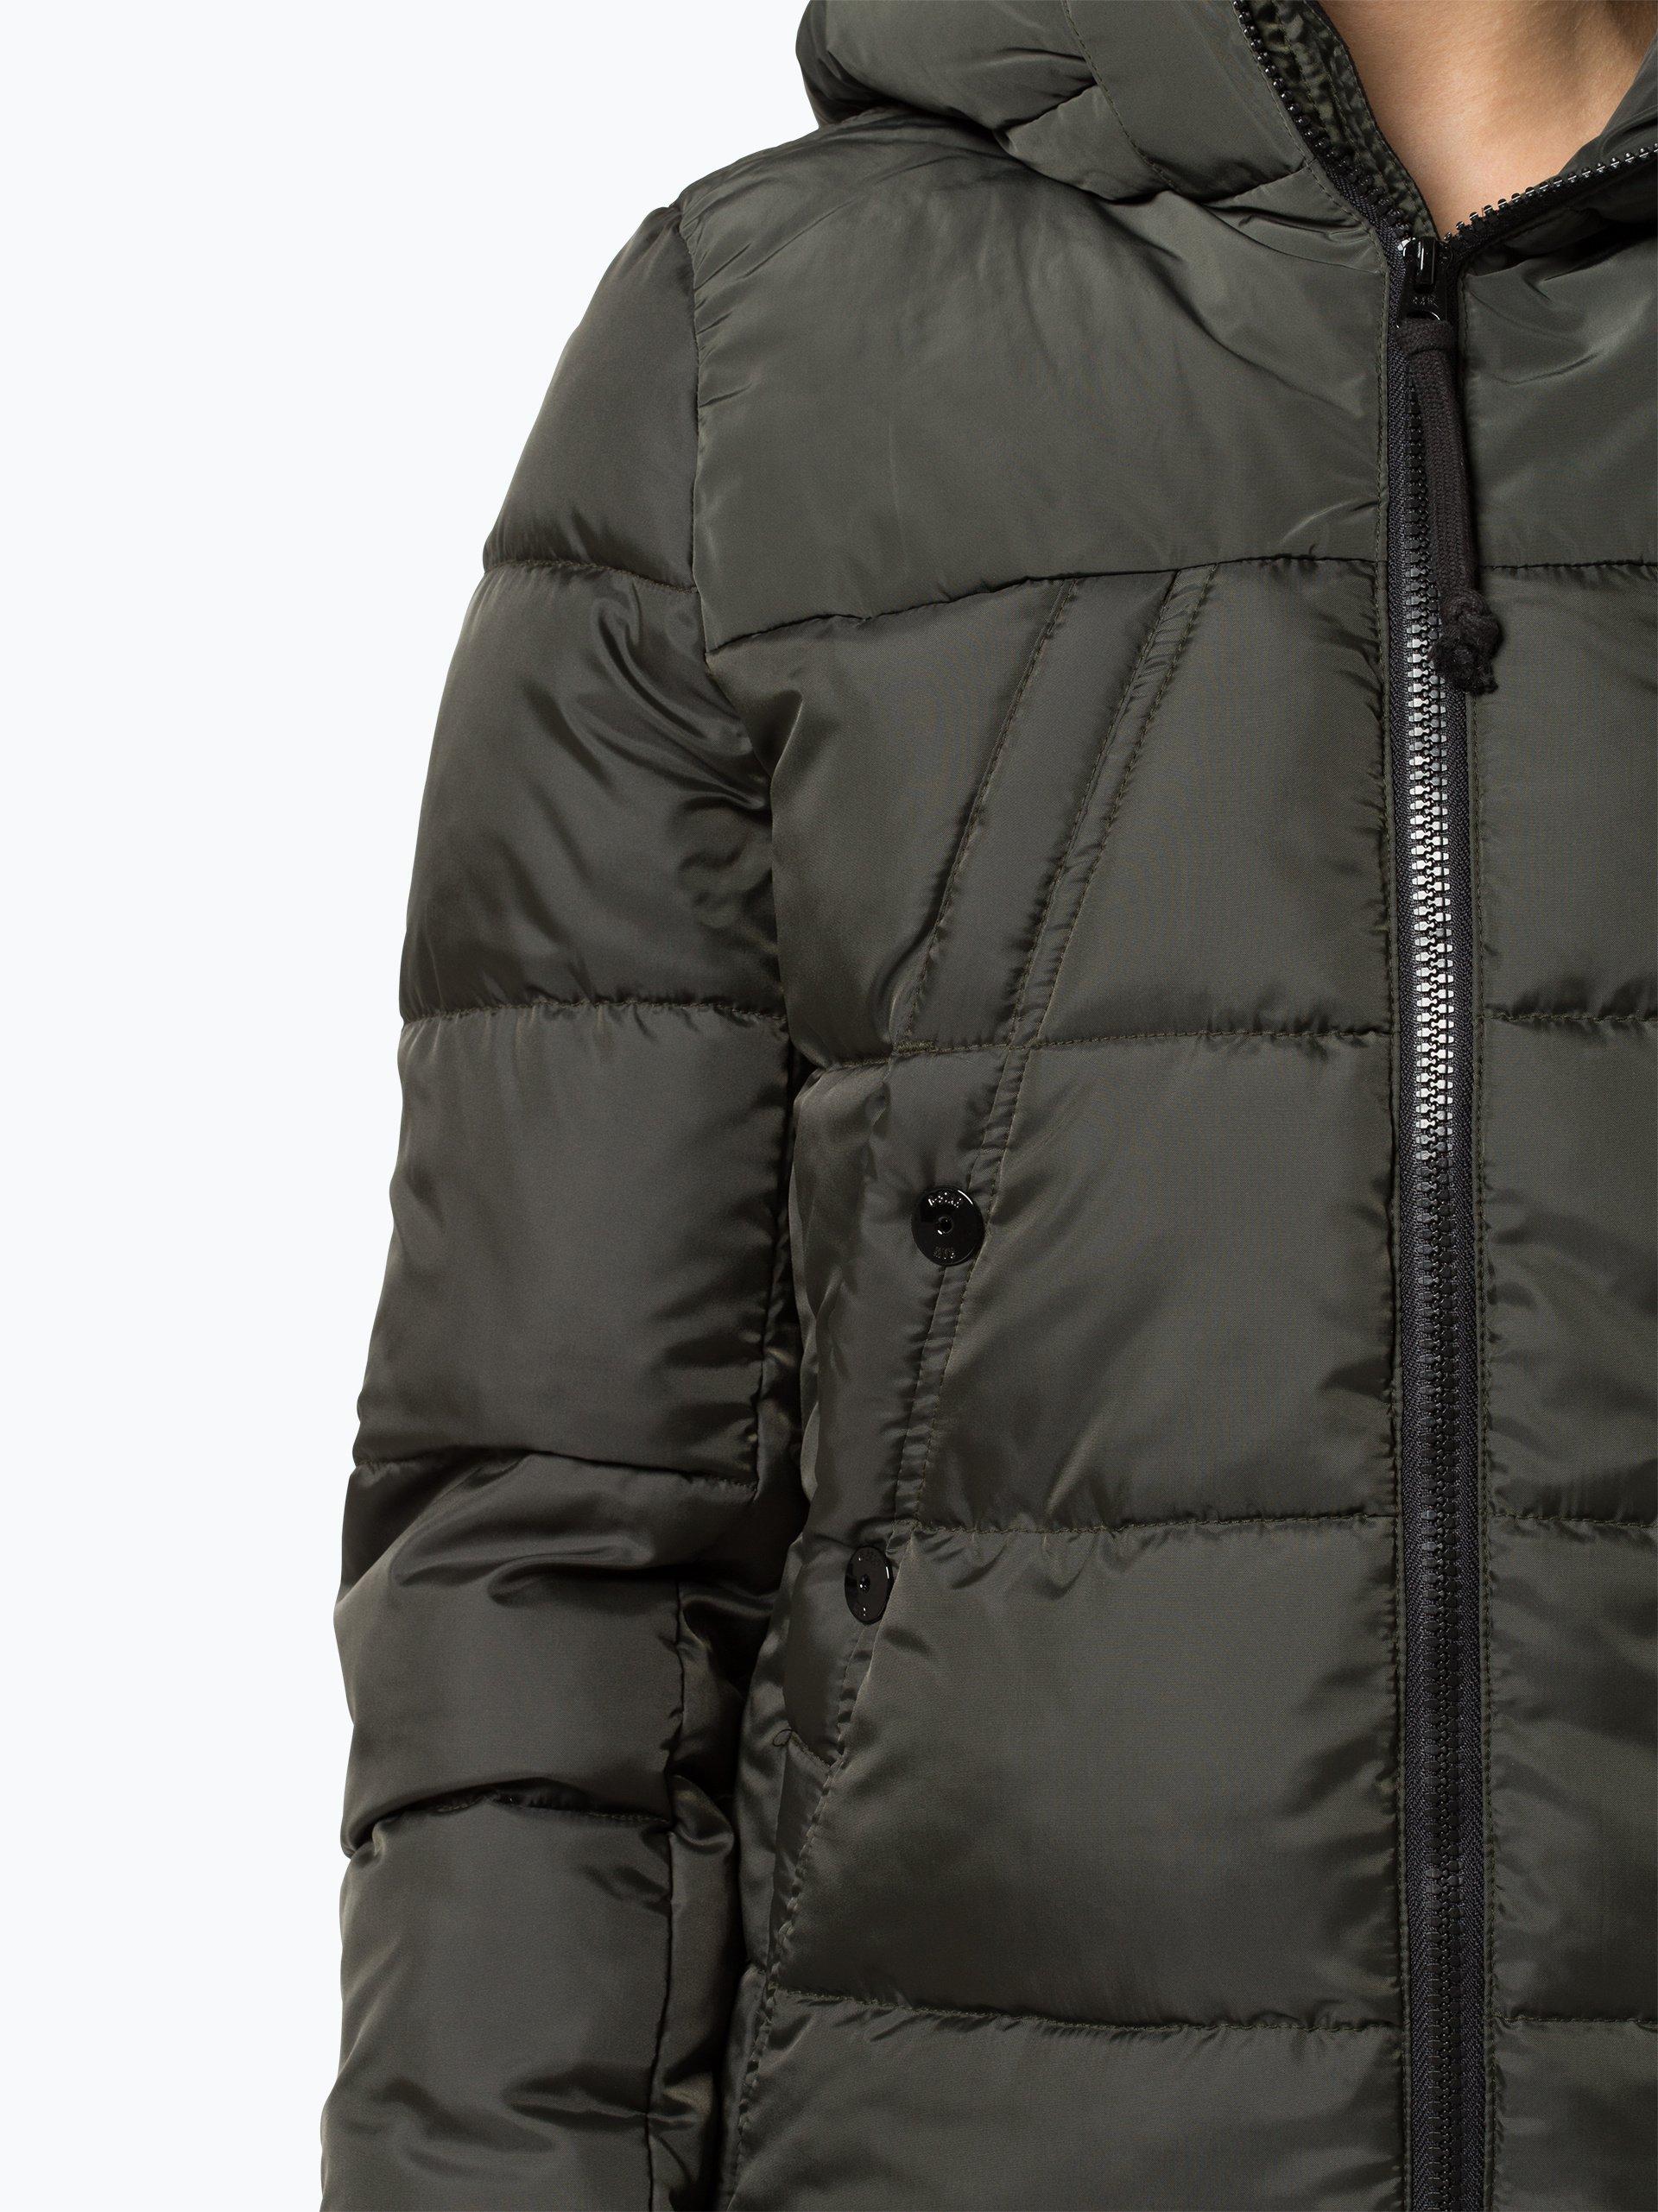 G-Star RAW Damski płaszcz pikowany